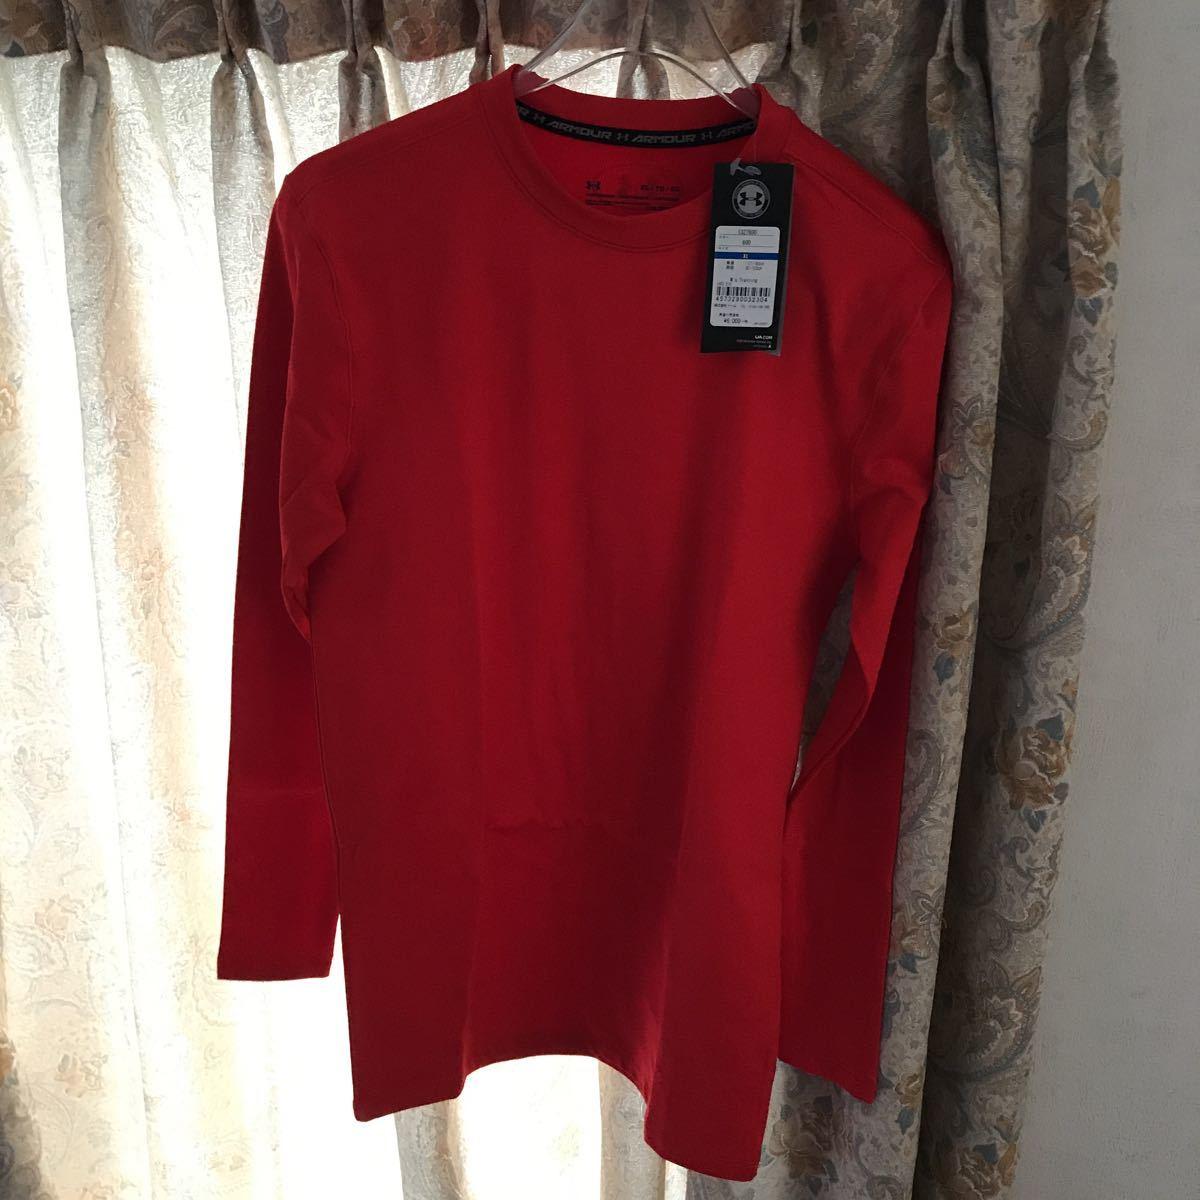 新品アンダーアーマー 長袖シャツ インナーシャツ トレーニング レッド XLサイズ コールドギア コンプレッション 長袖Tシャツ